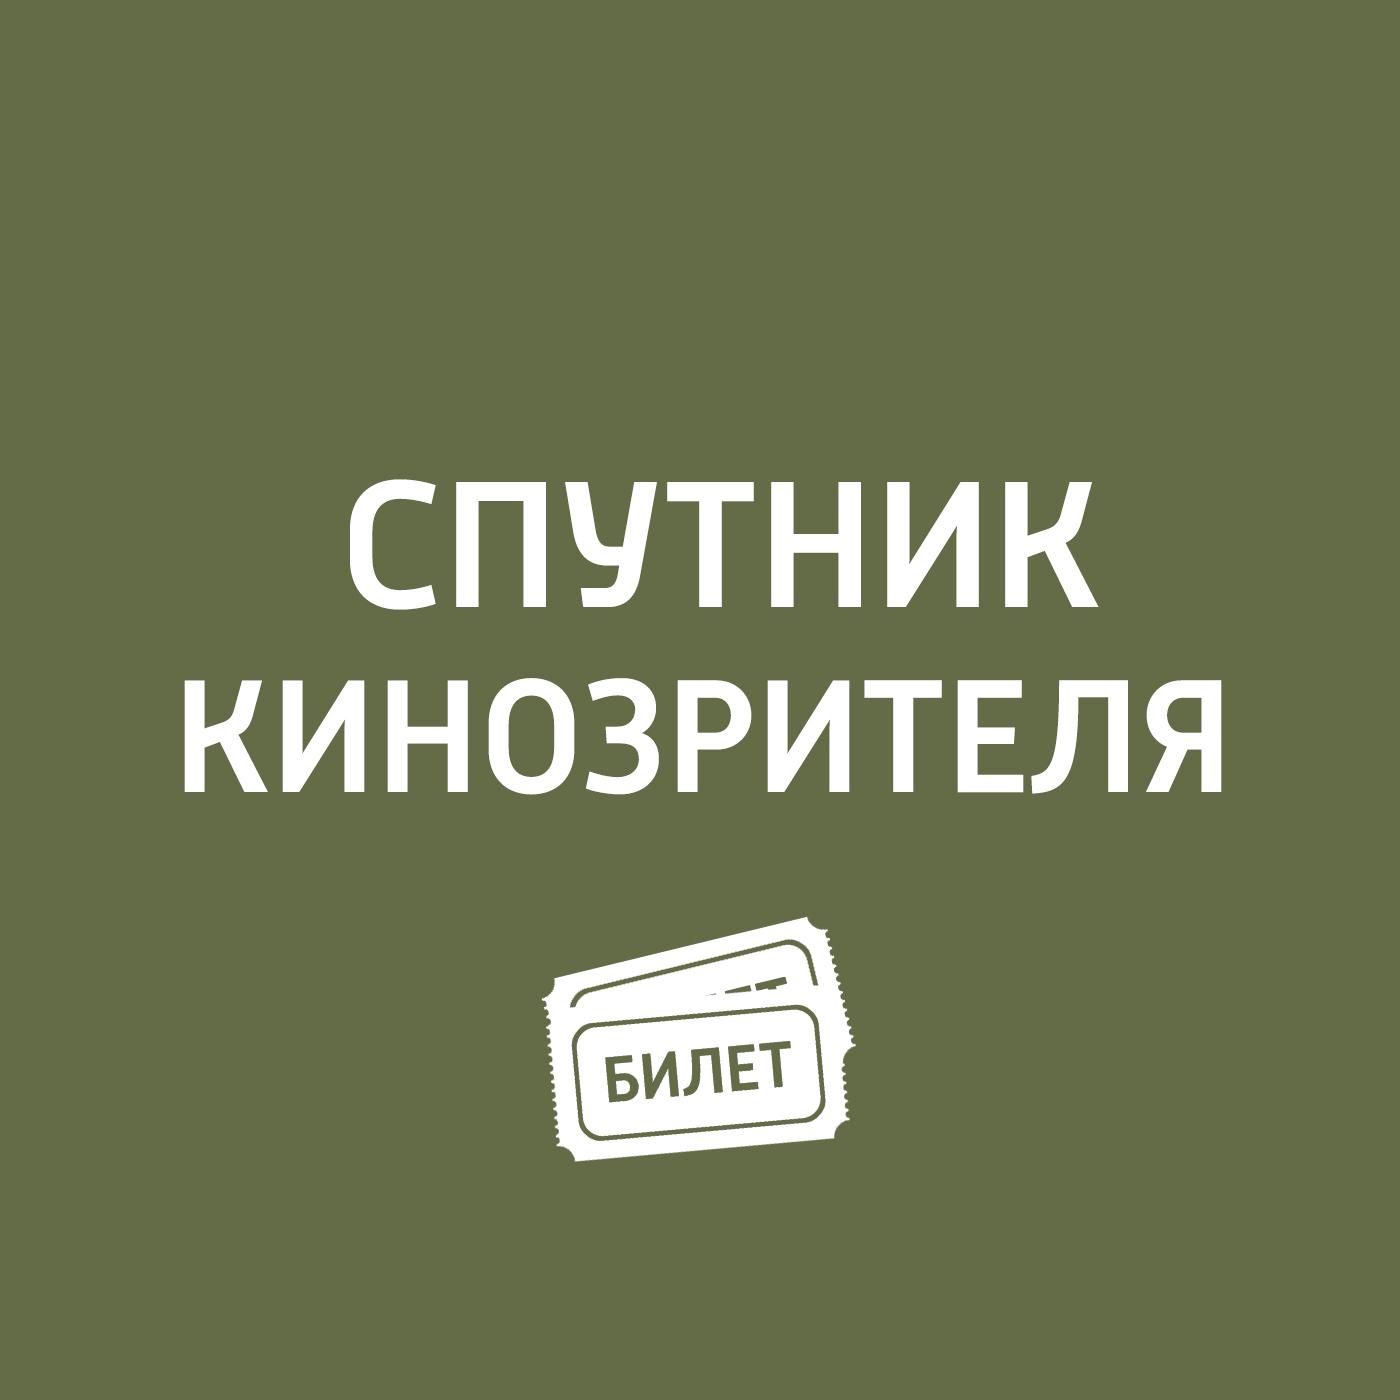 Памяти Олега Табакова: Всегда разный и всегда узнаваемый